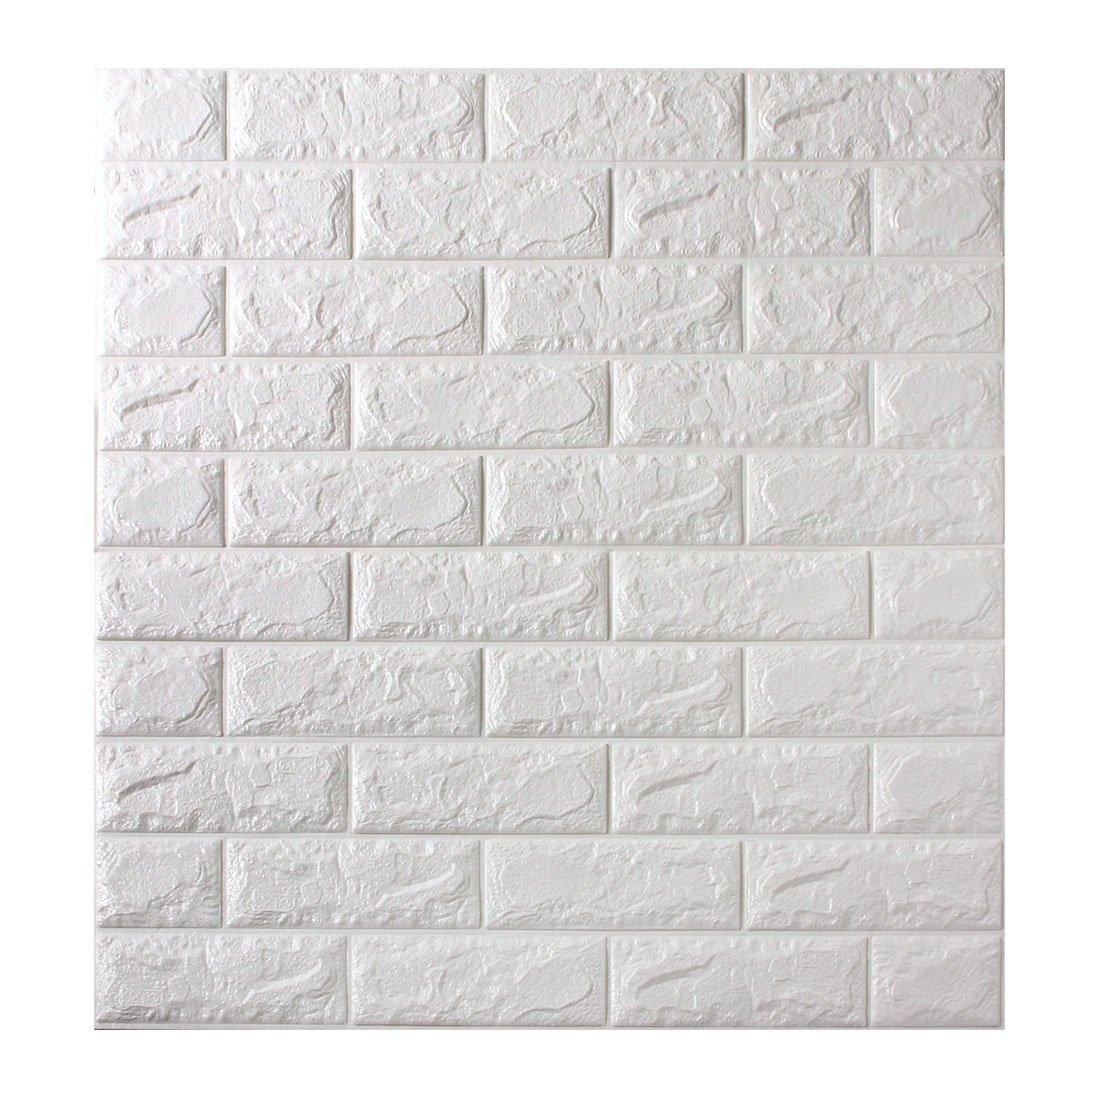 タンスのゲン 壁紙シール 12枚セット レンガ 70cm×77m サイズカット可能 ウォールステッカー 3D タイル ホワイト 18700059 00 B071L8P9TW 12枚セット|ホワイト(レンガ) ホワイト(レンガ) 12枚セット